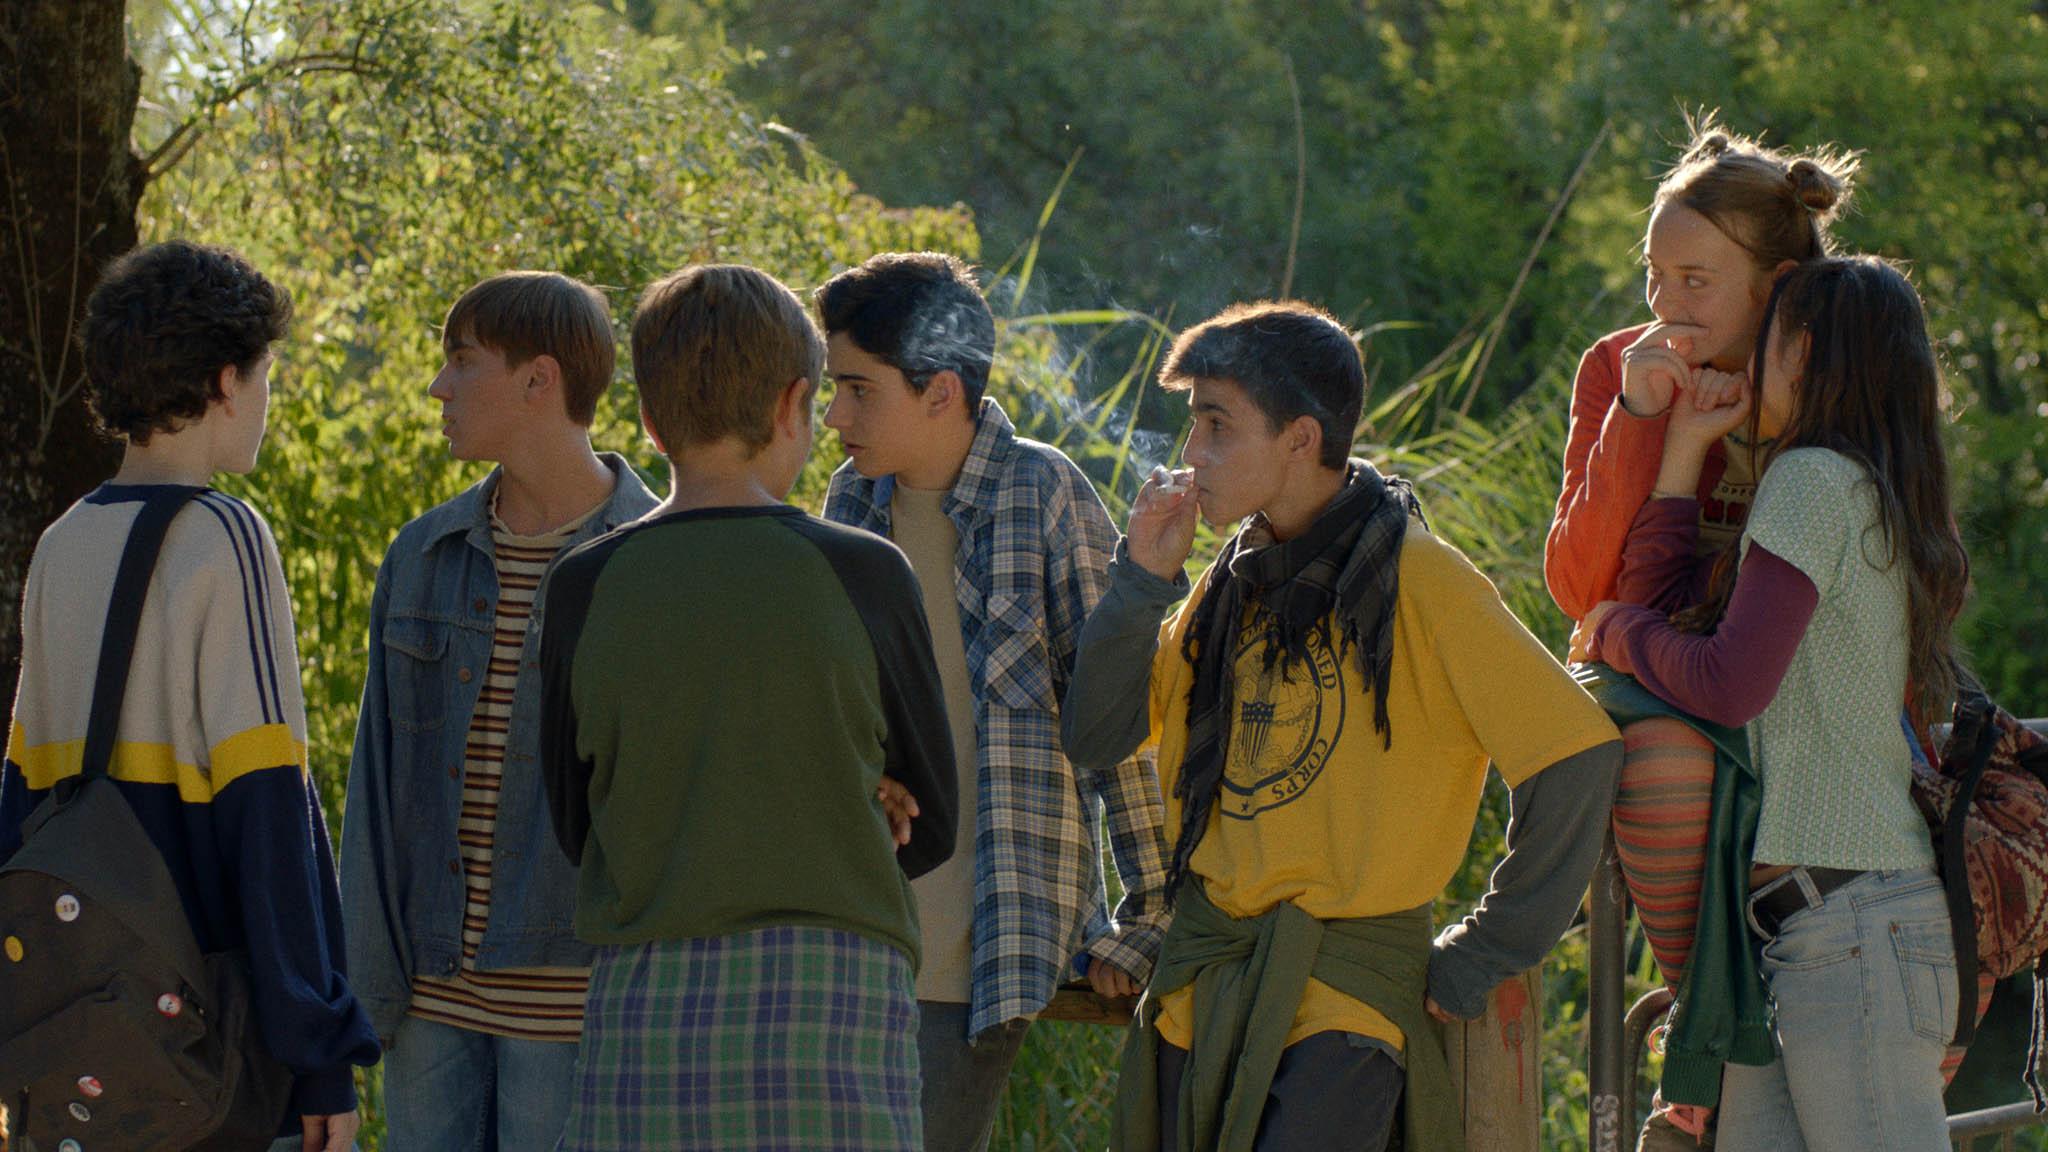 09_LaReconquista_FT_adolescentes_©Losilusosfilms